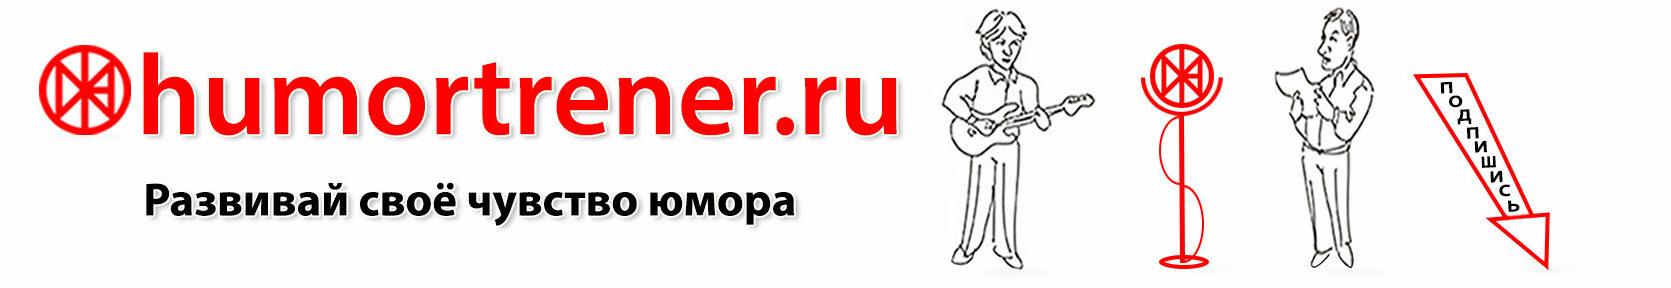 Школа юмора Олега Жукова